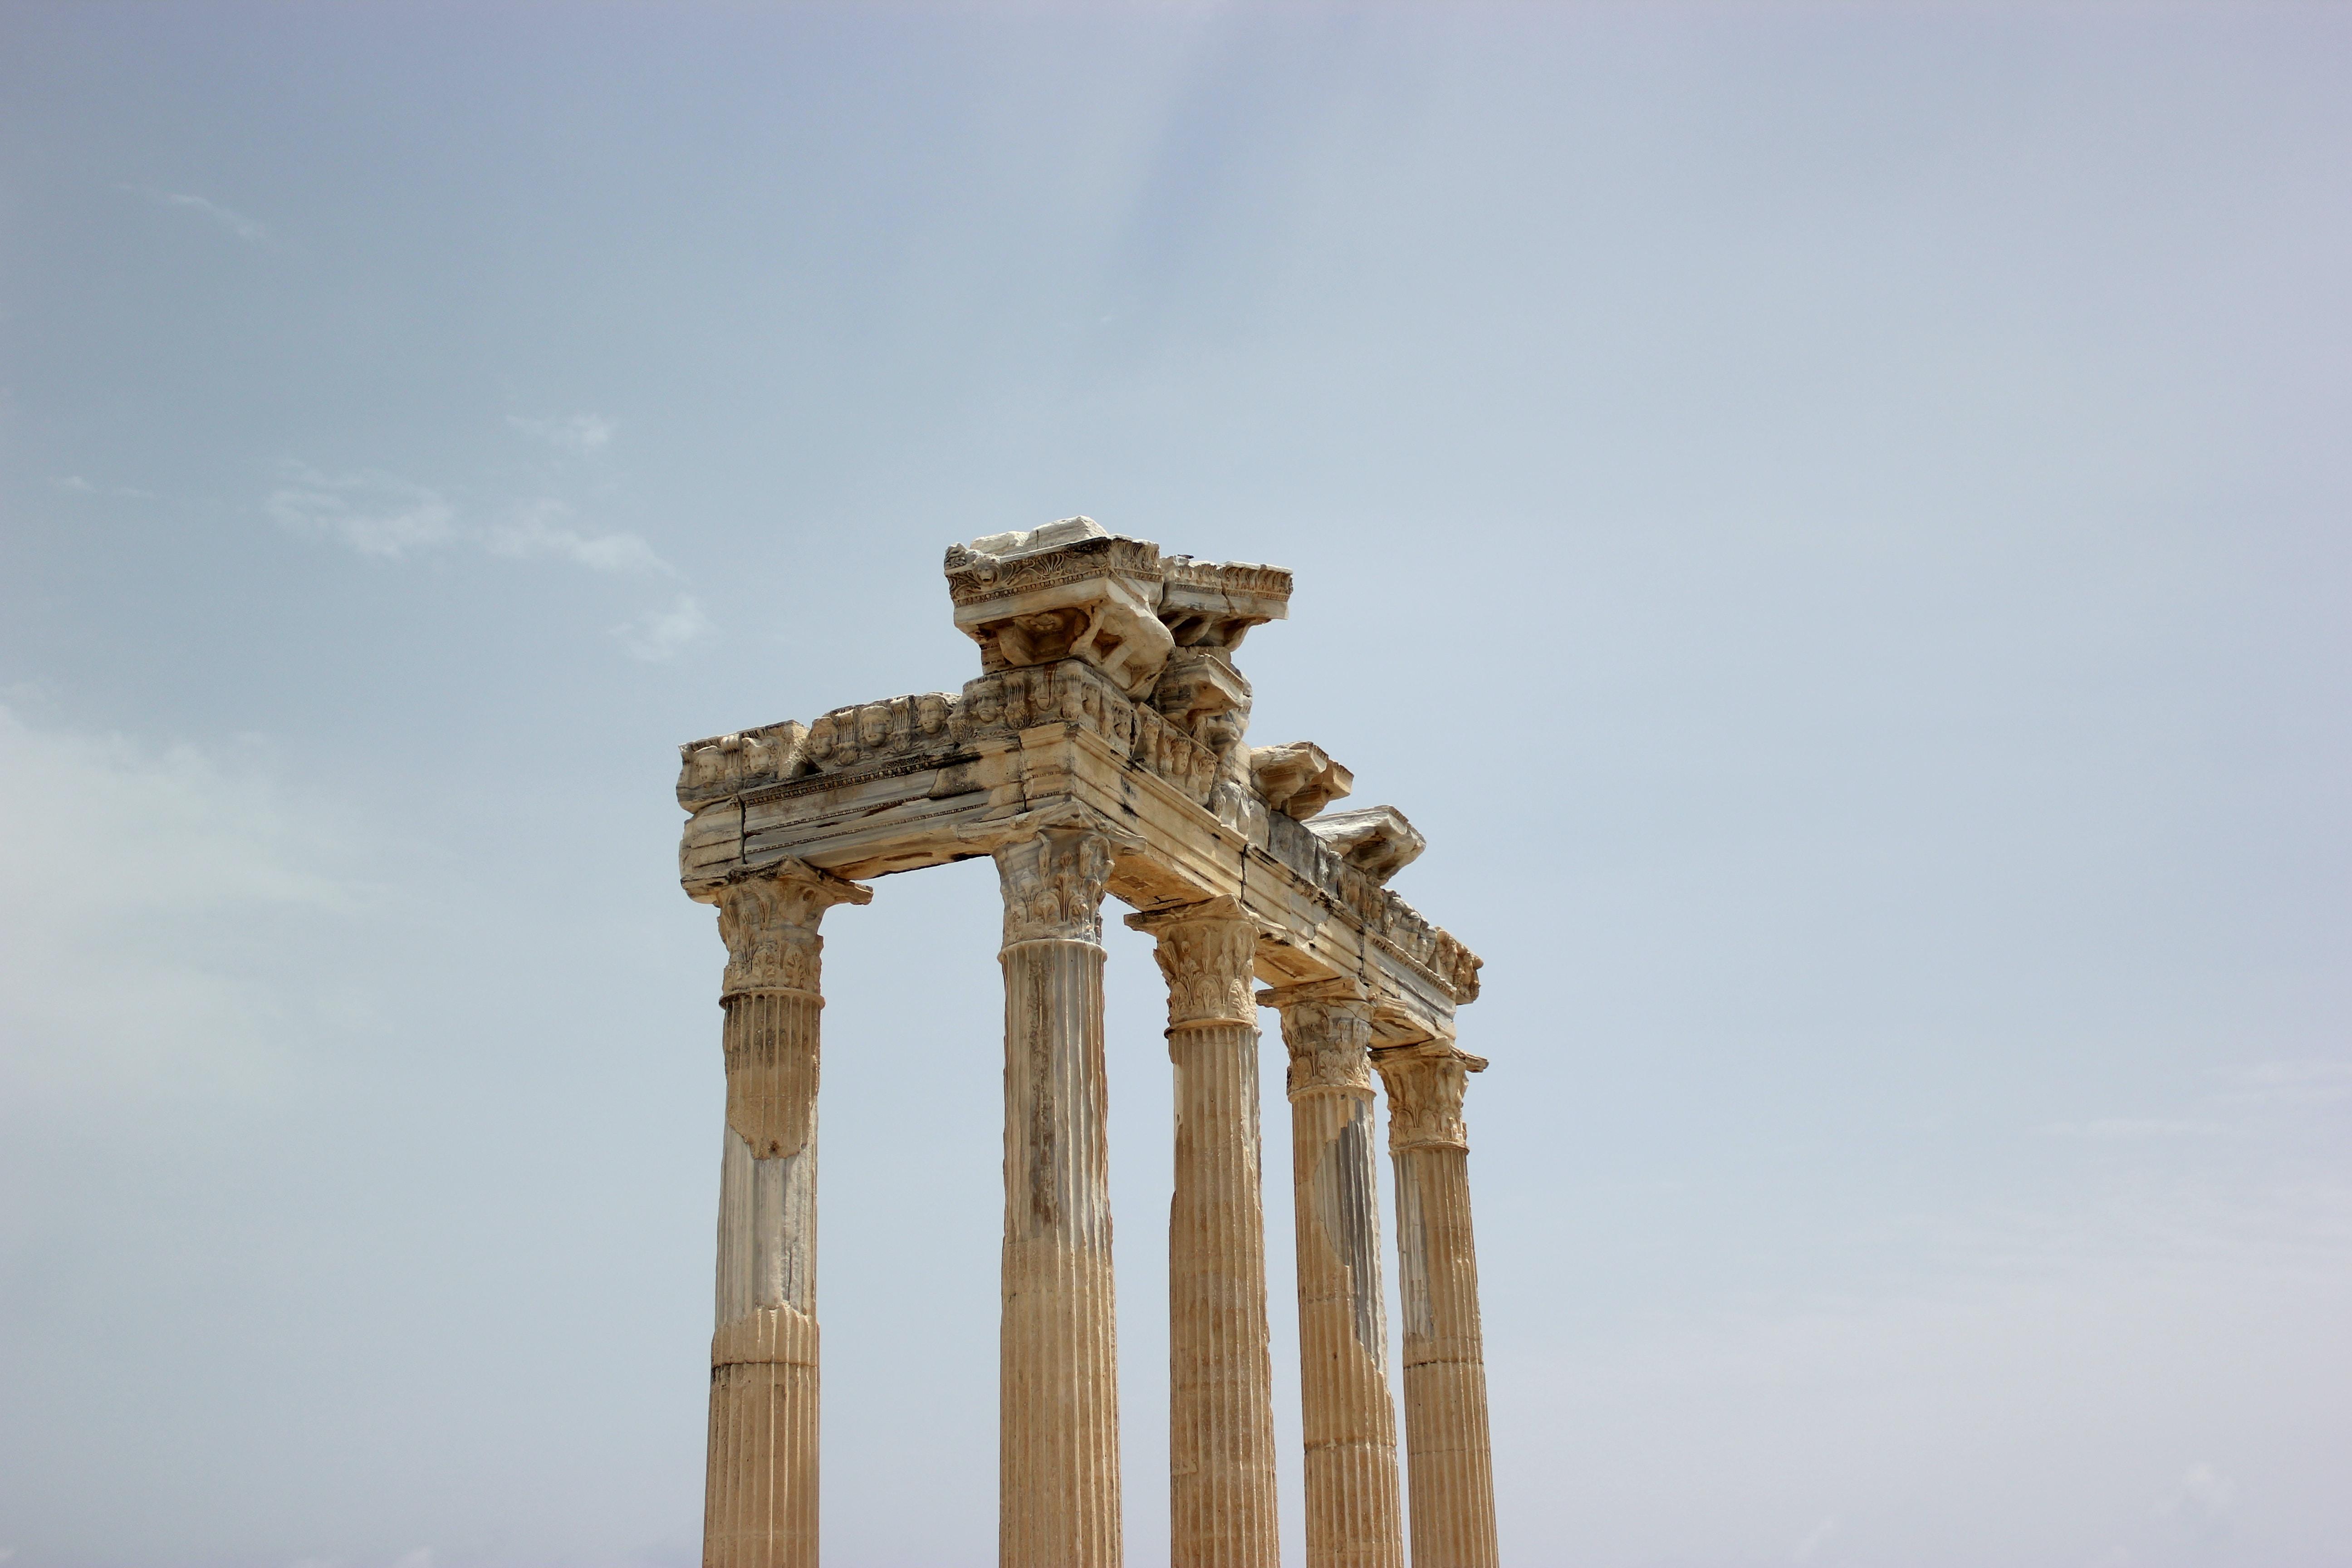 closeup photo of pillars